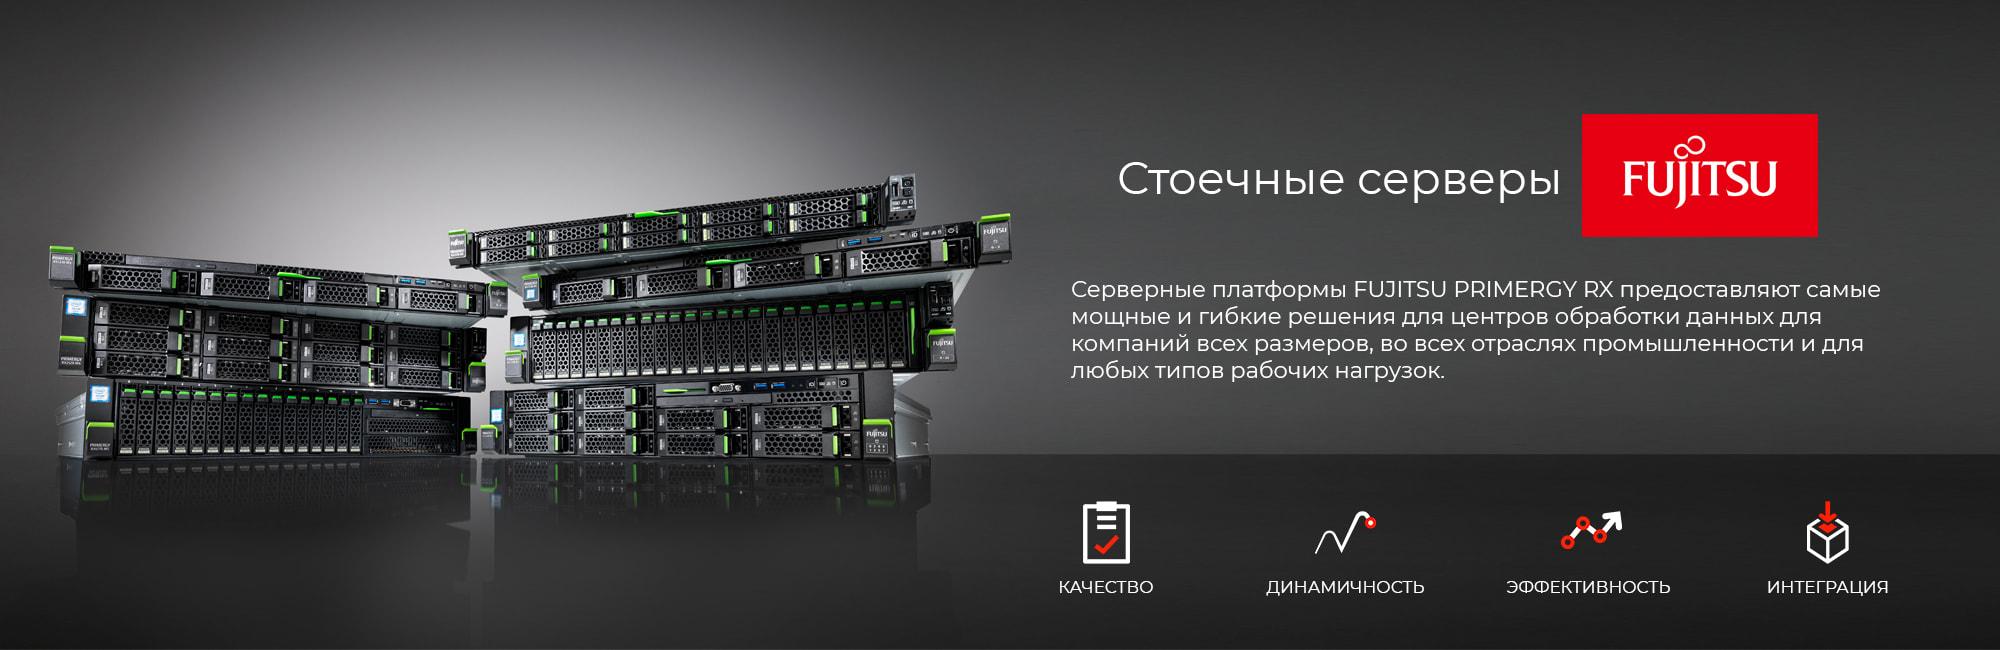 Стоечные-серверы-Fujitsu